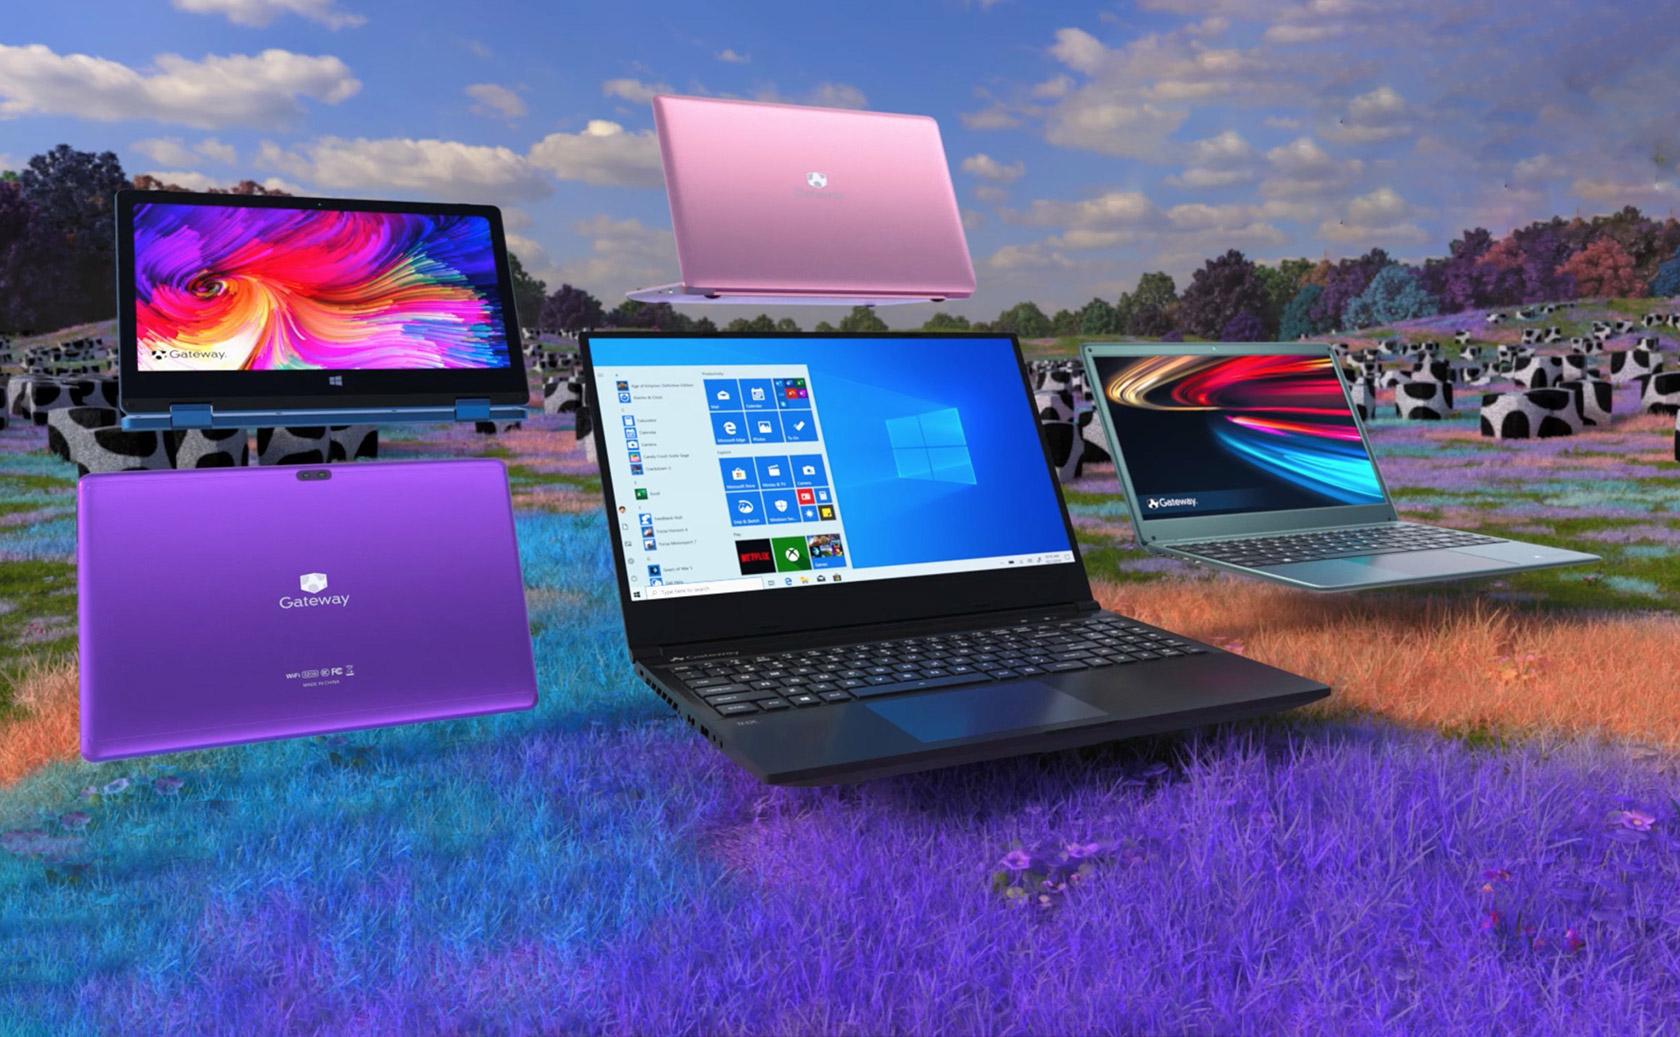 Gateway PC 2020 Walmart